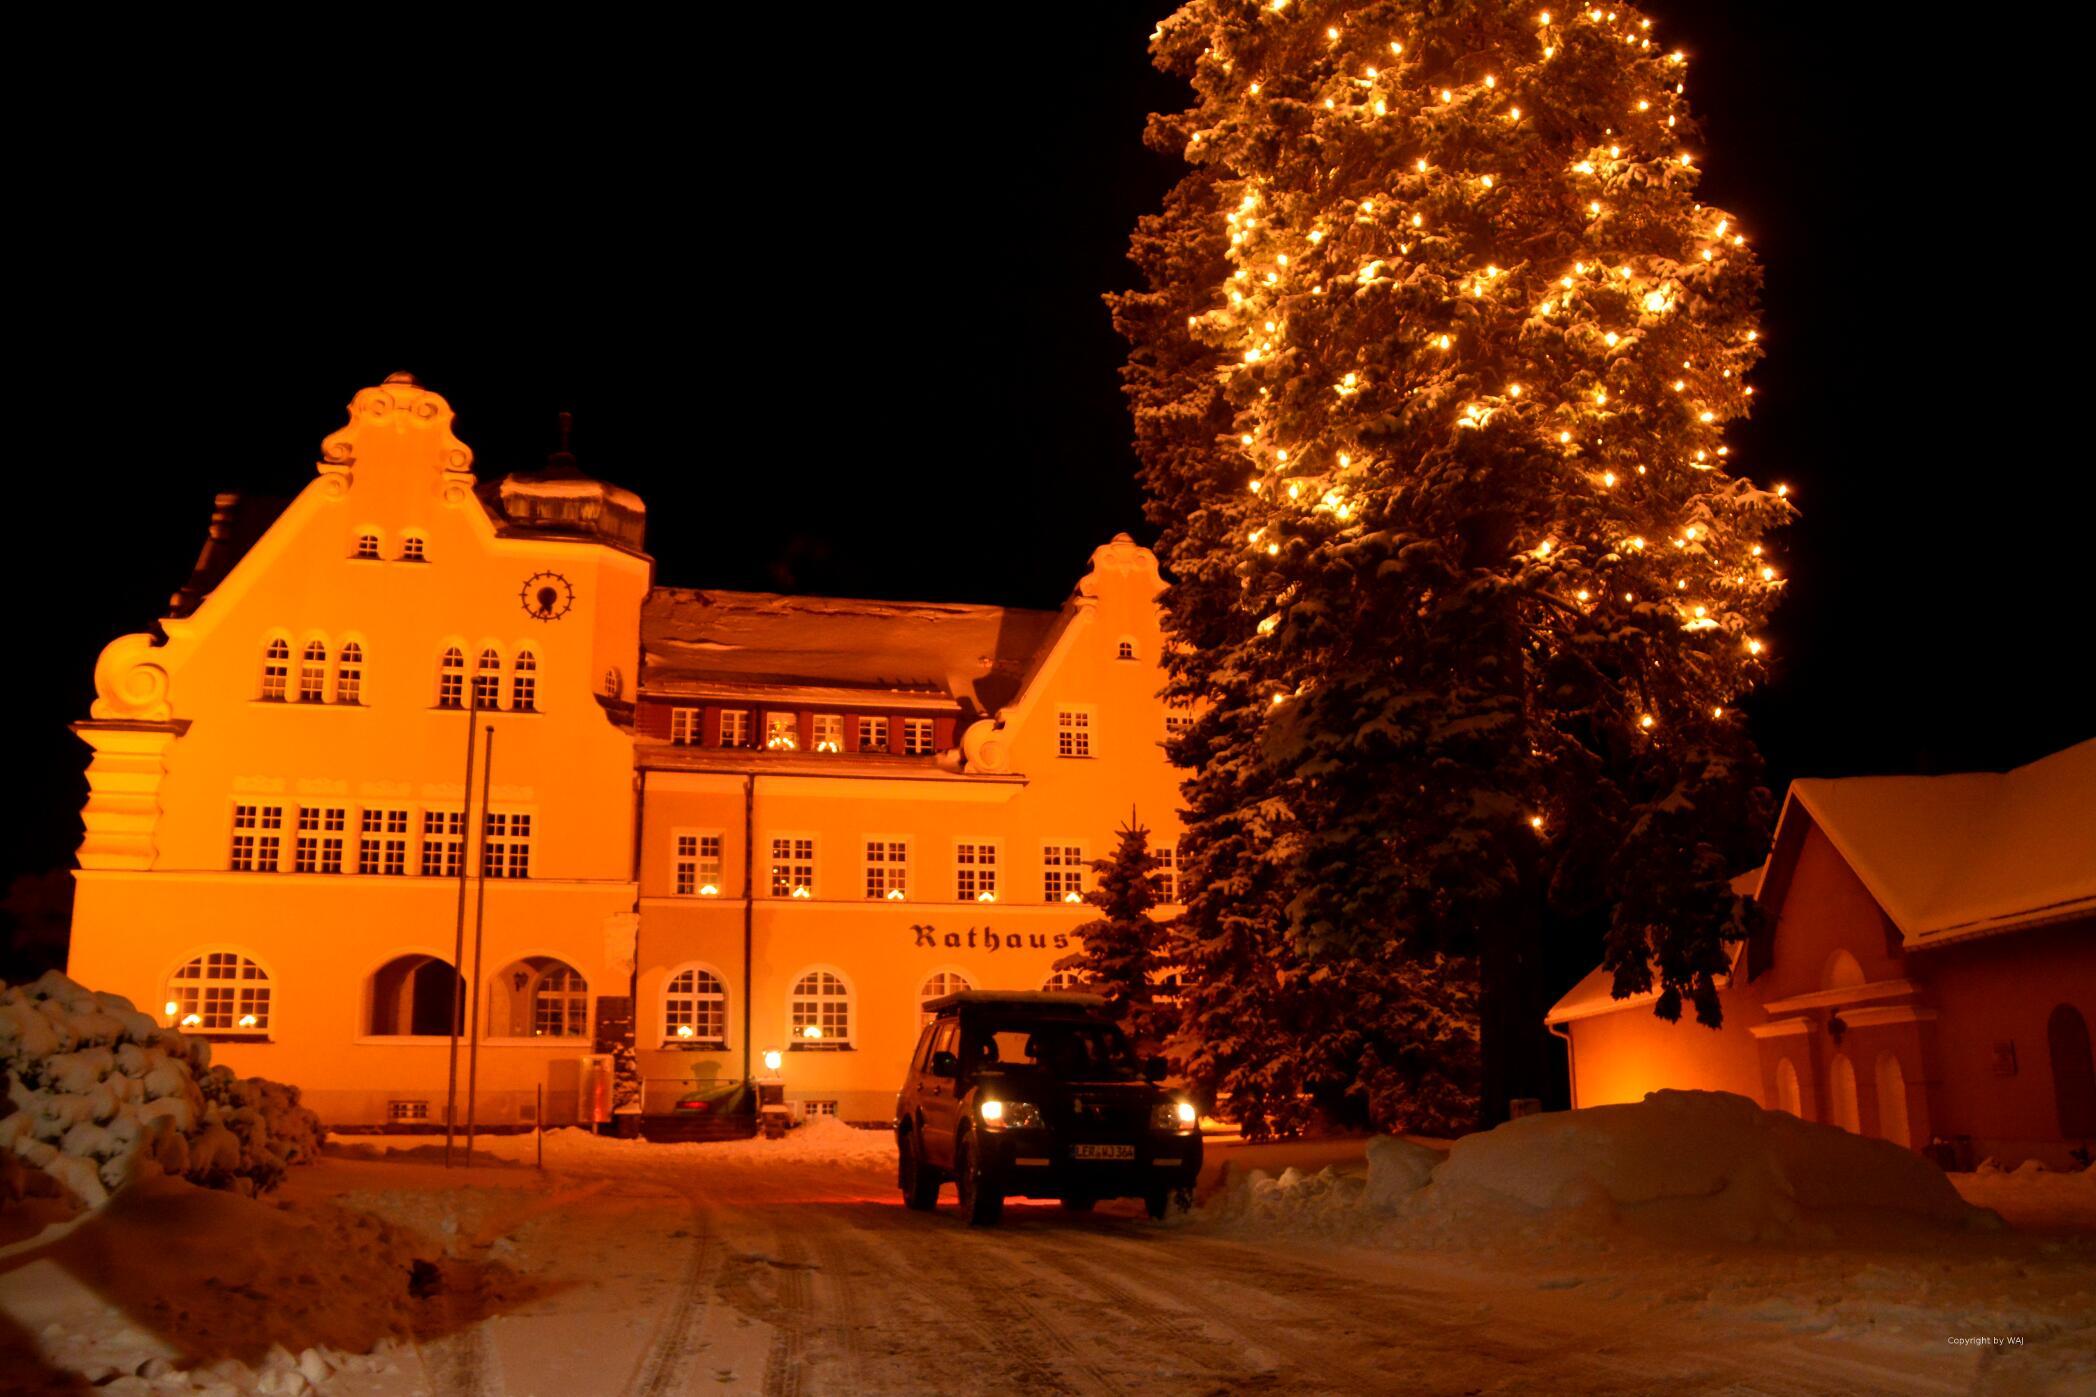 Rathaus zu Schöneck im Vogtland